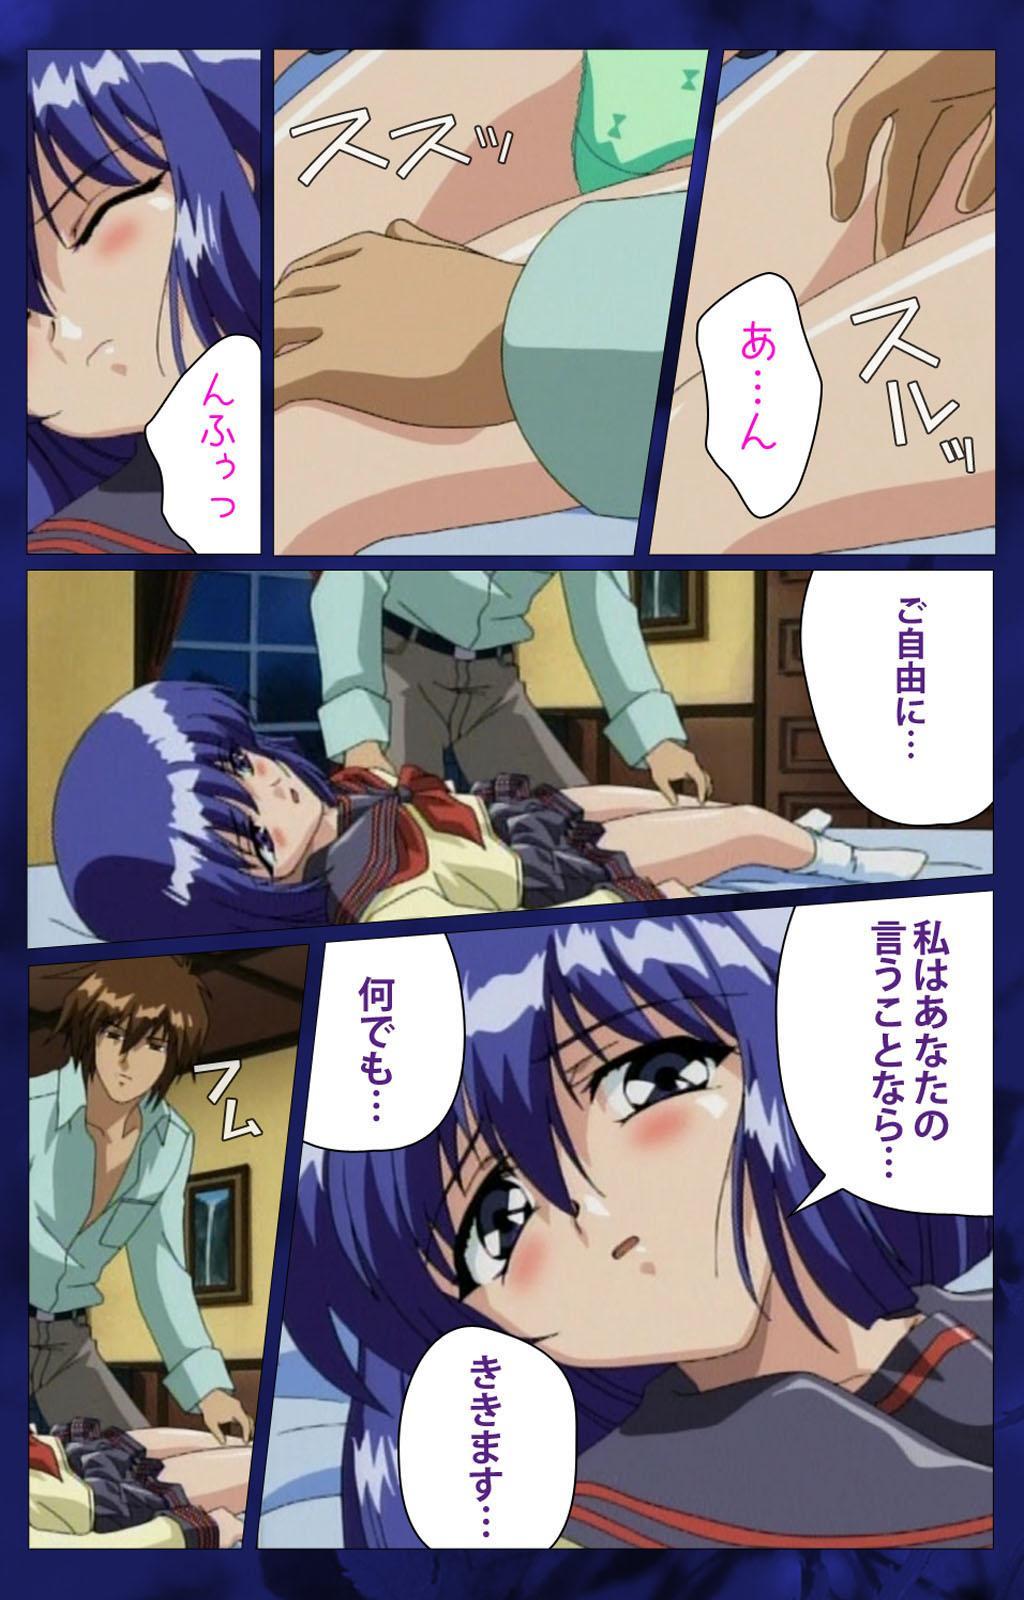 'watashi ningyo jaarimasen' kanzenhan 8